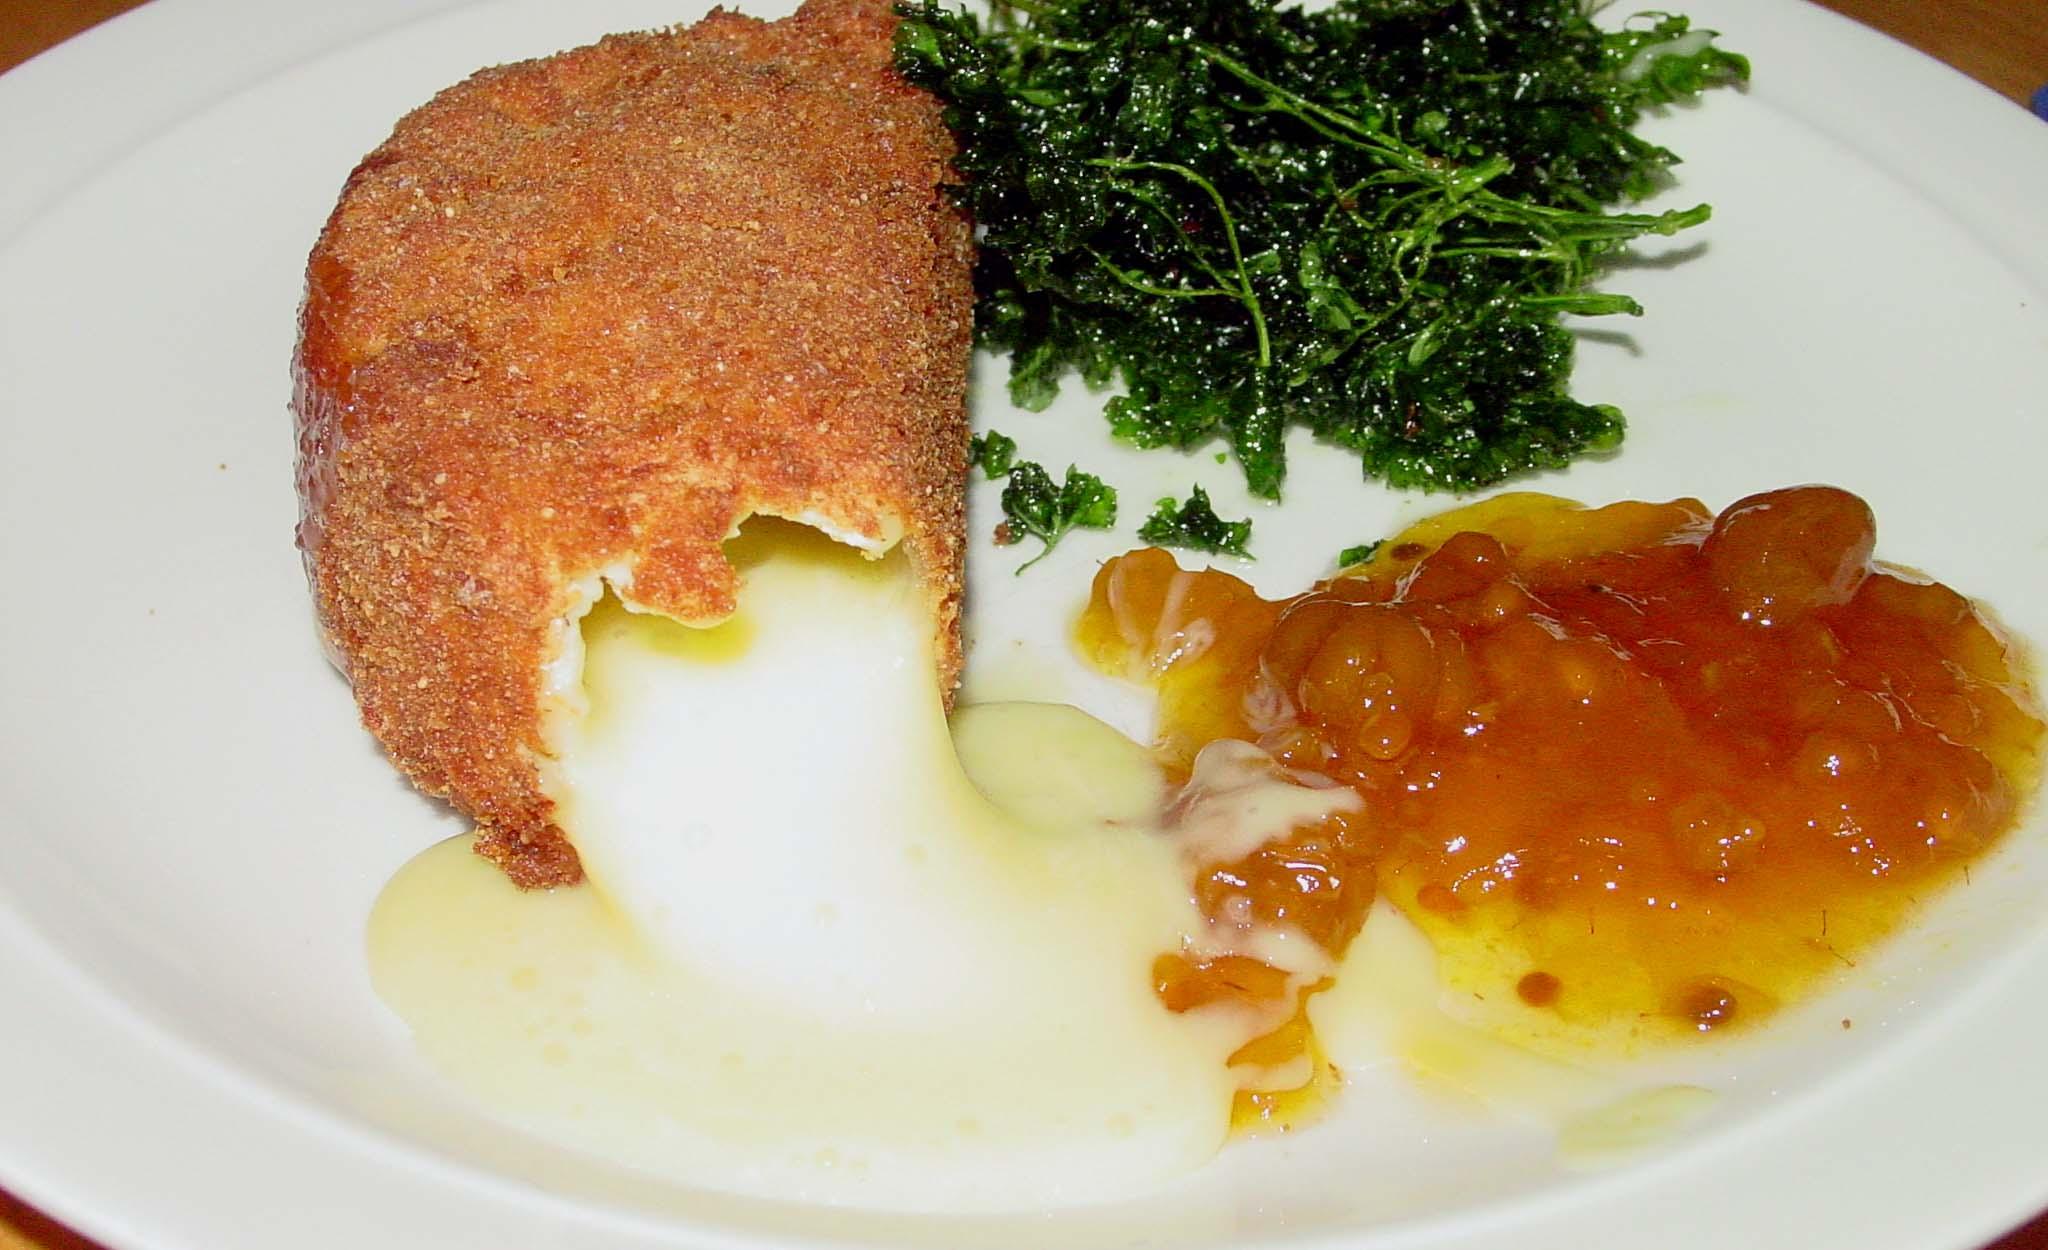 friterad camembert efterrätt